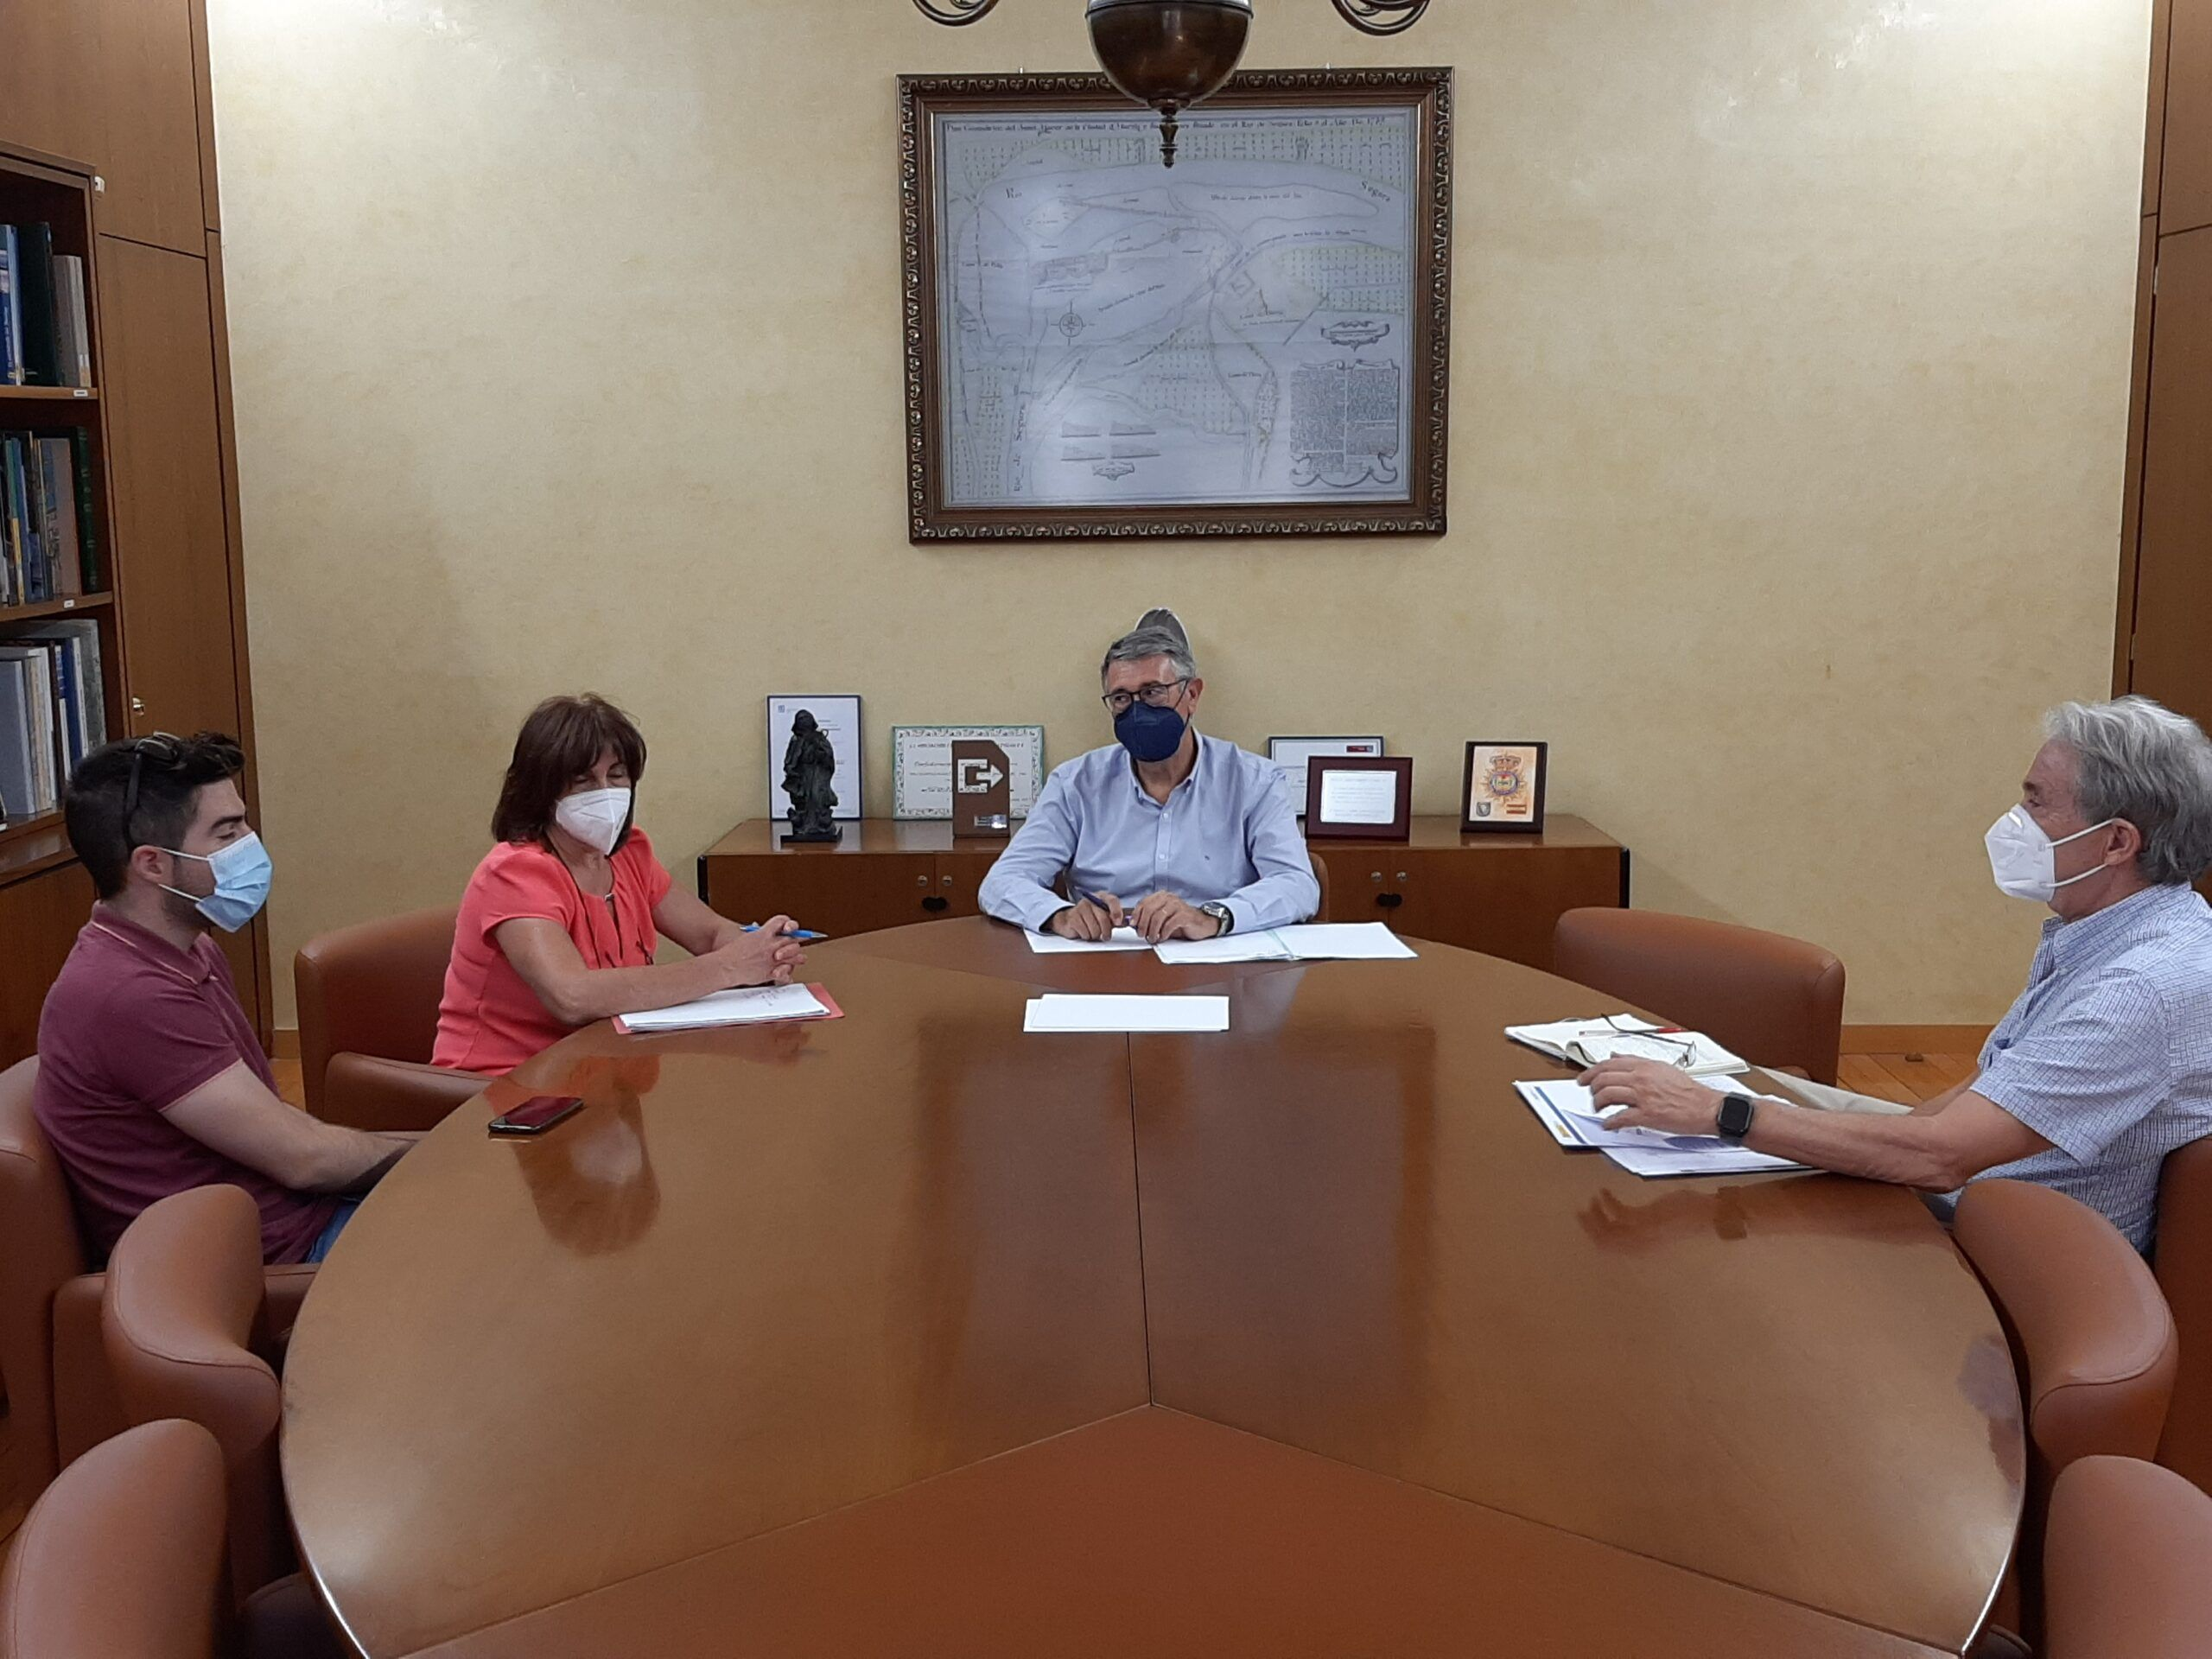 El presidente de la Confederación Hidrográfica del Segura ha mantenido un reunión de trabajo con la Alcaldesa de Yeste